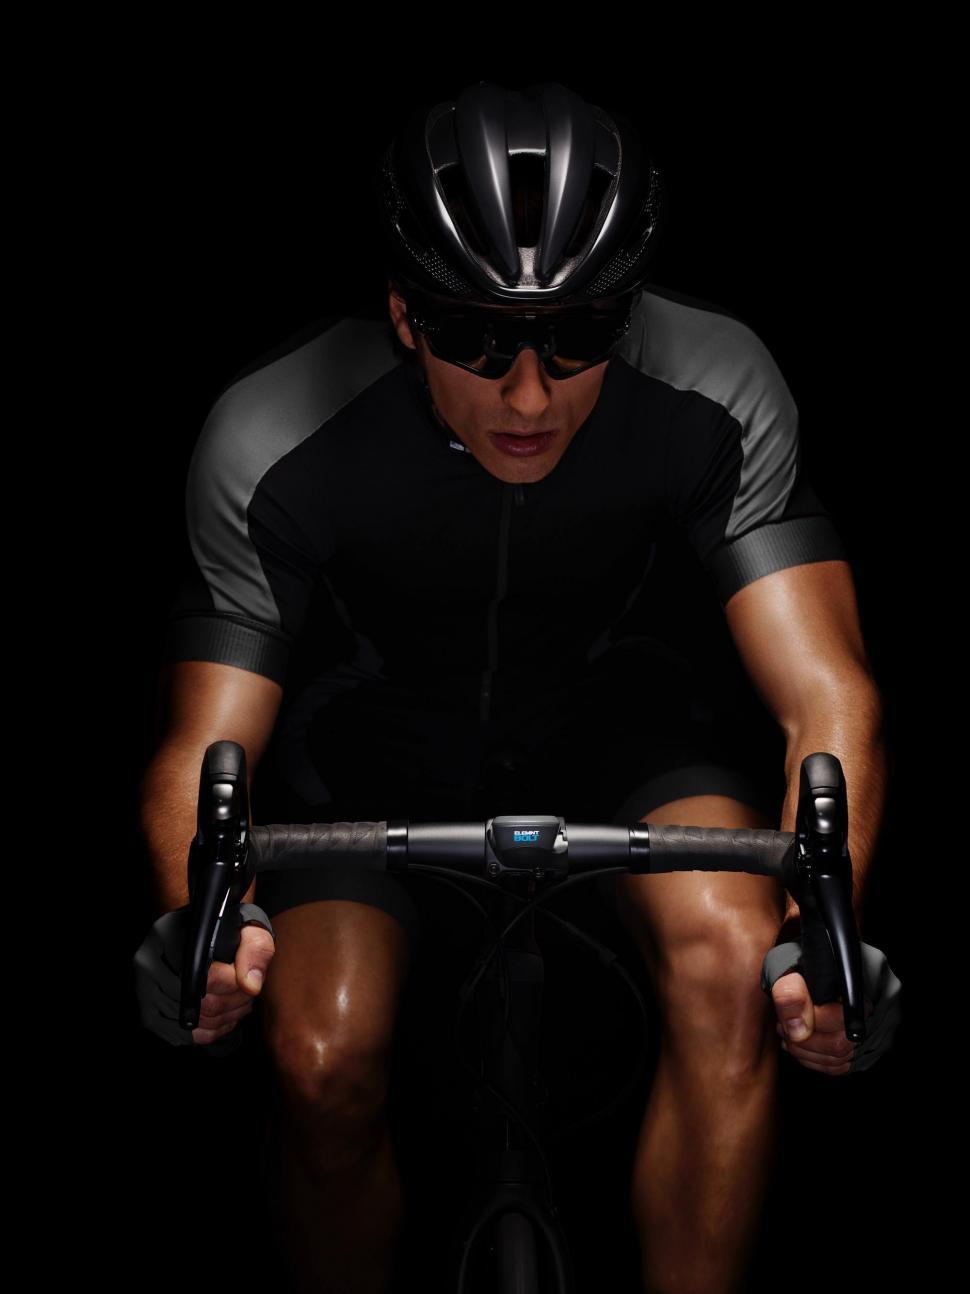 BOLT_Rider_Front.jpg